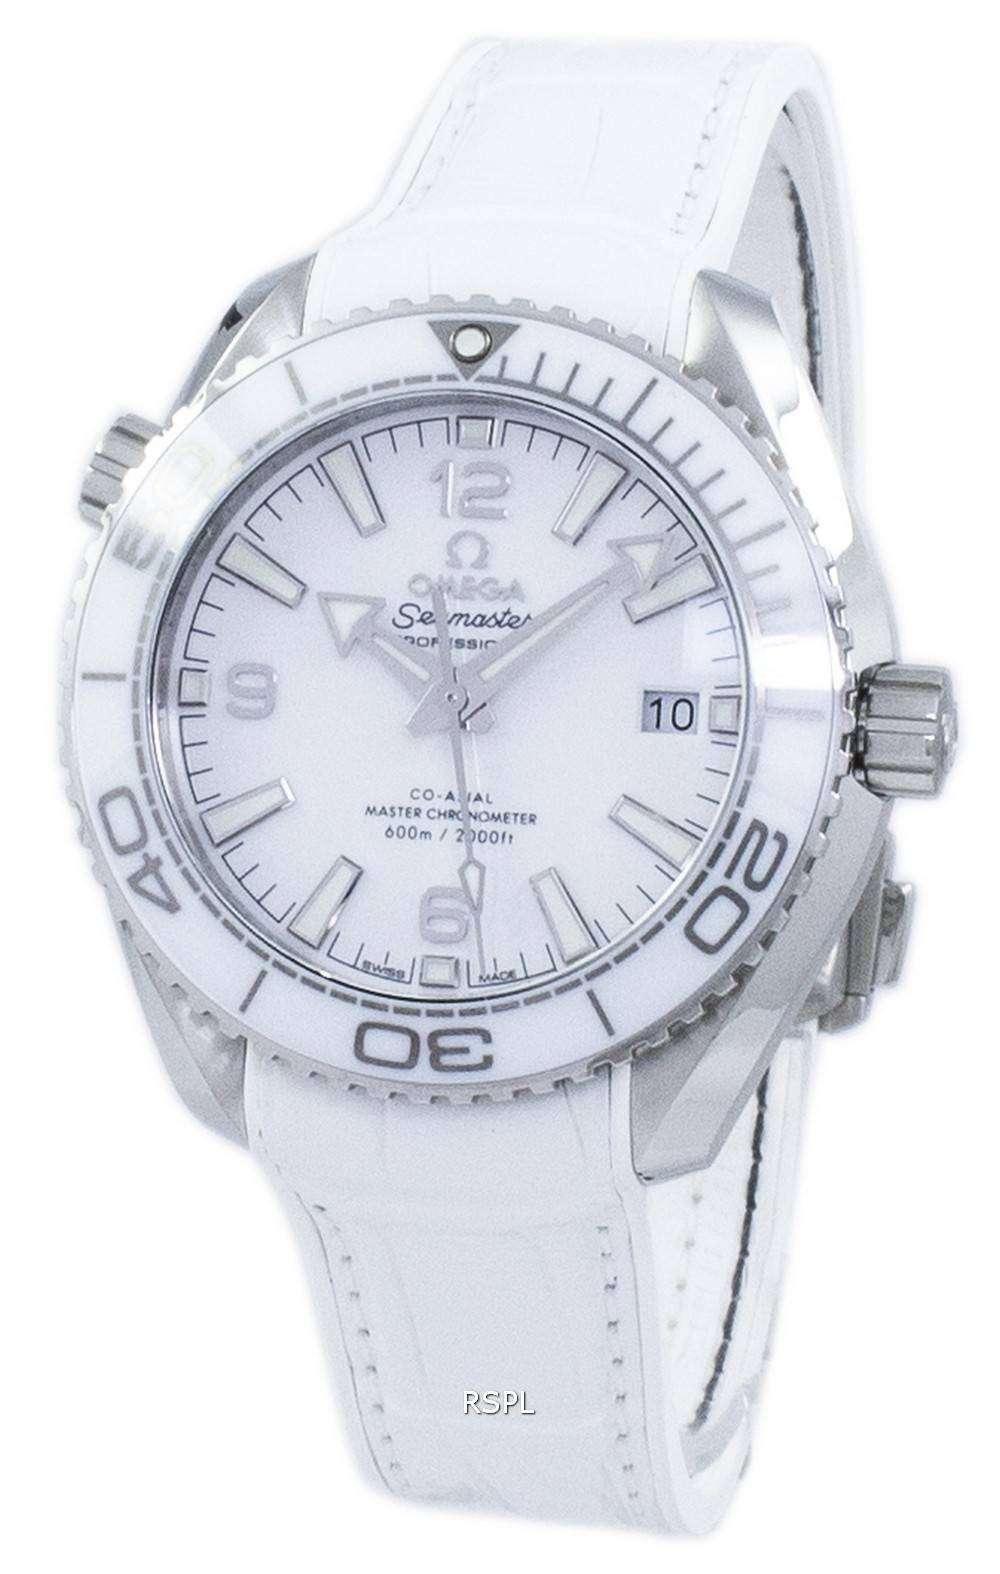 オメガ シーマスター プラネット オーシャン マスター コーアクシャル自動 215.33.40.20.04.001 メンズ腕時計